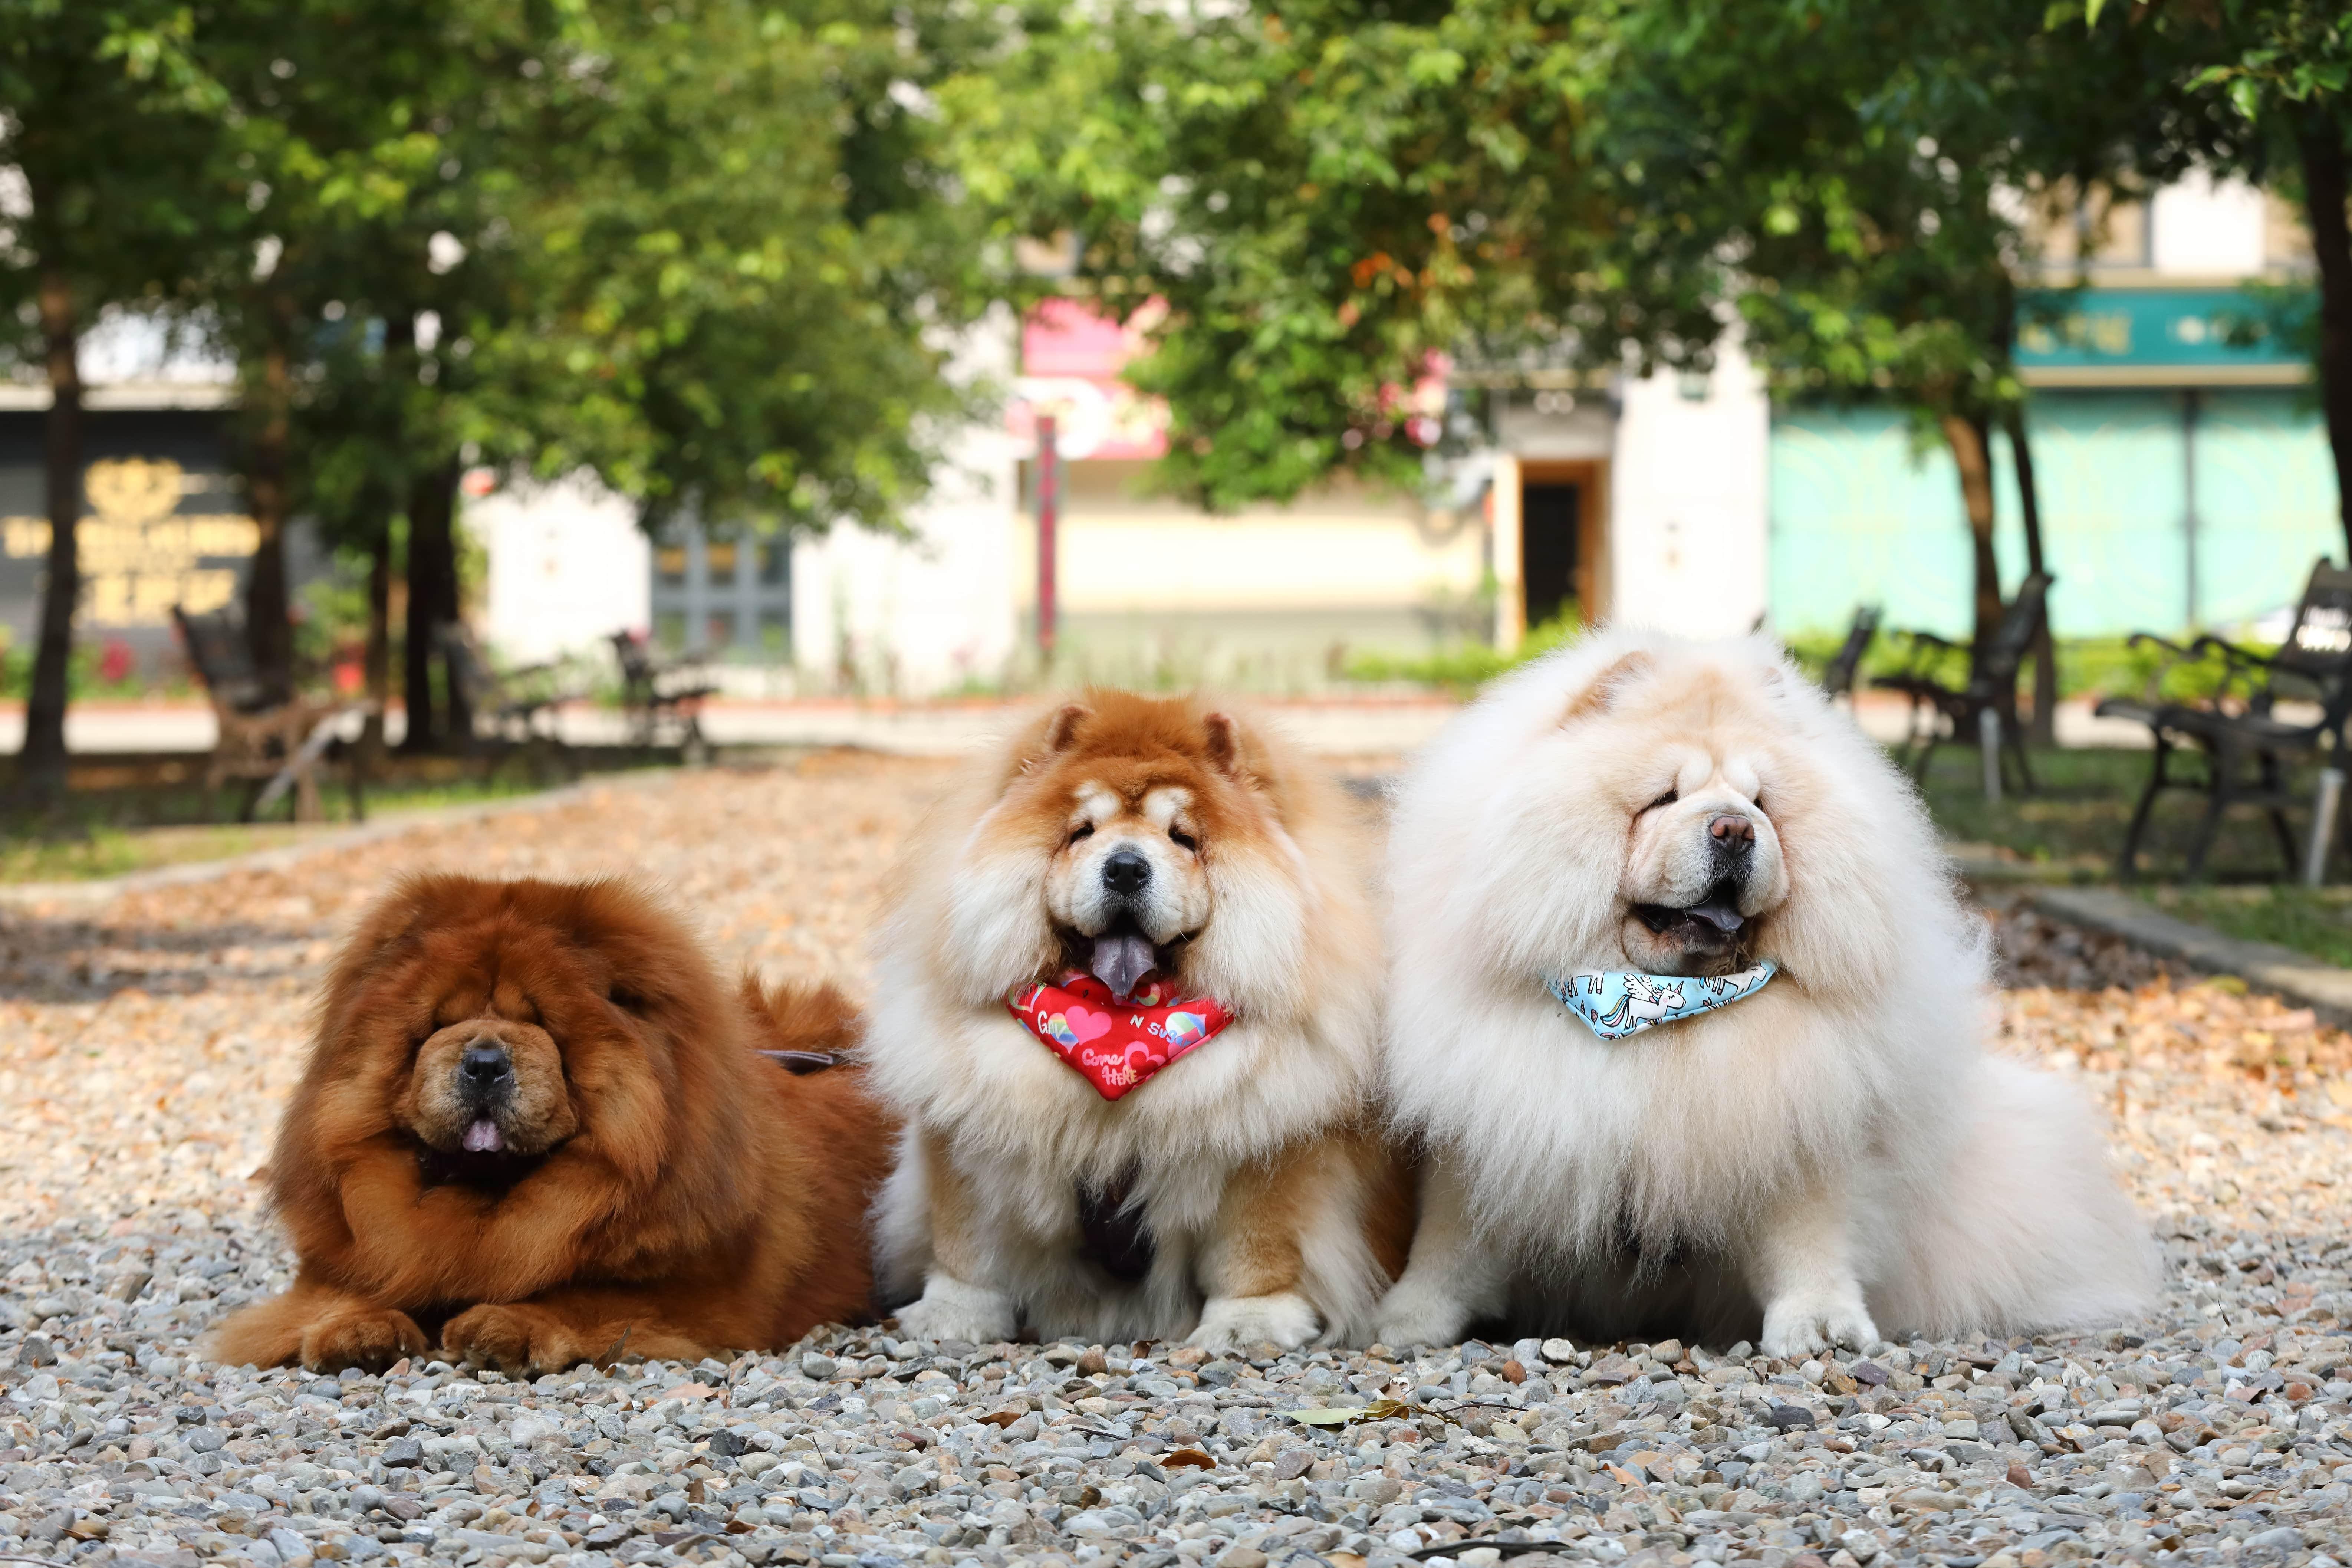 對於天生怕熱的鬆獅犬,夏天的散步時間點需要仔細拿捏